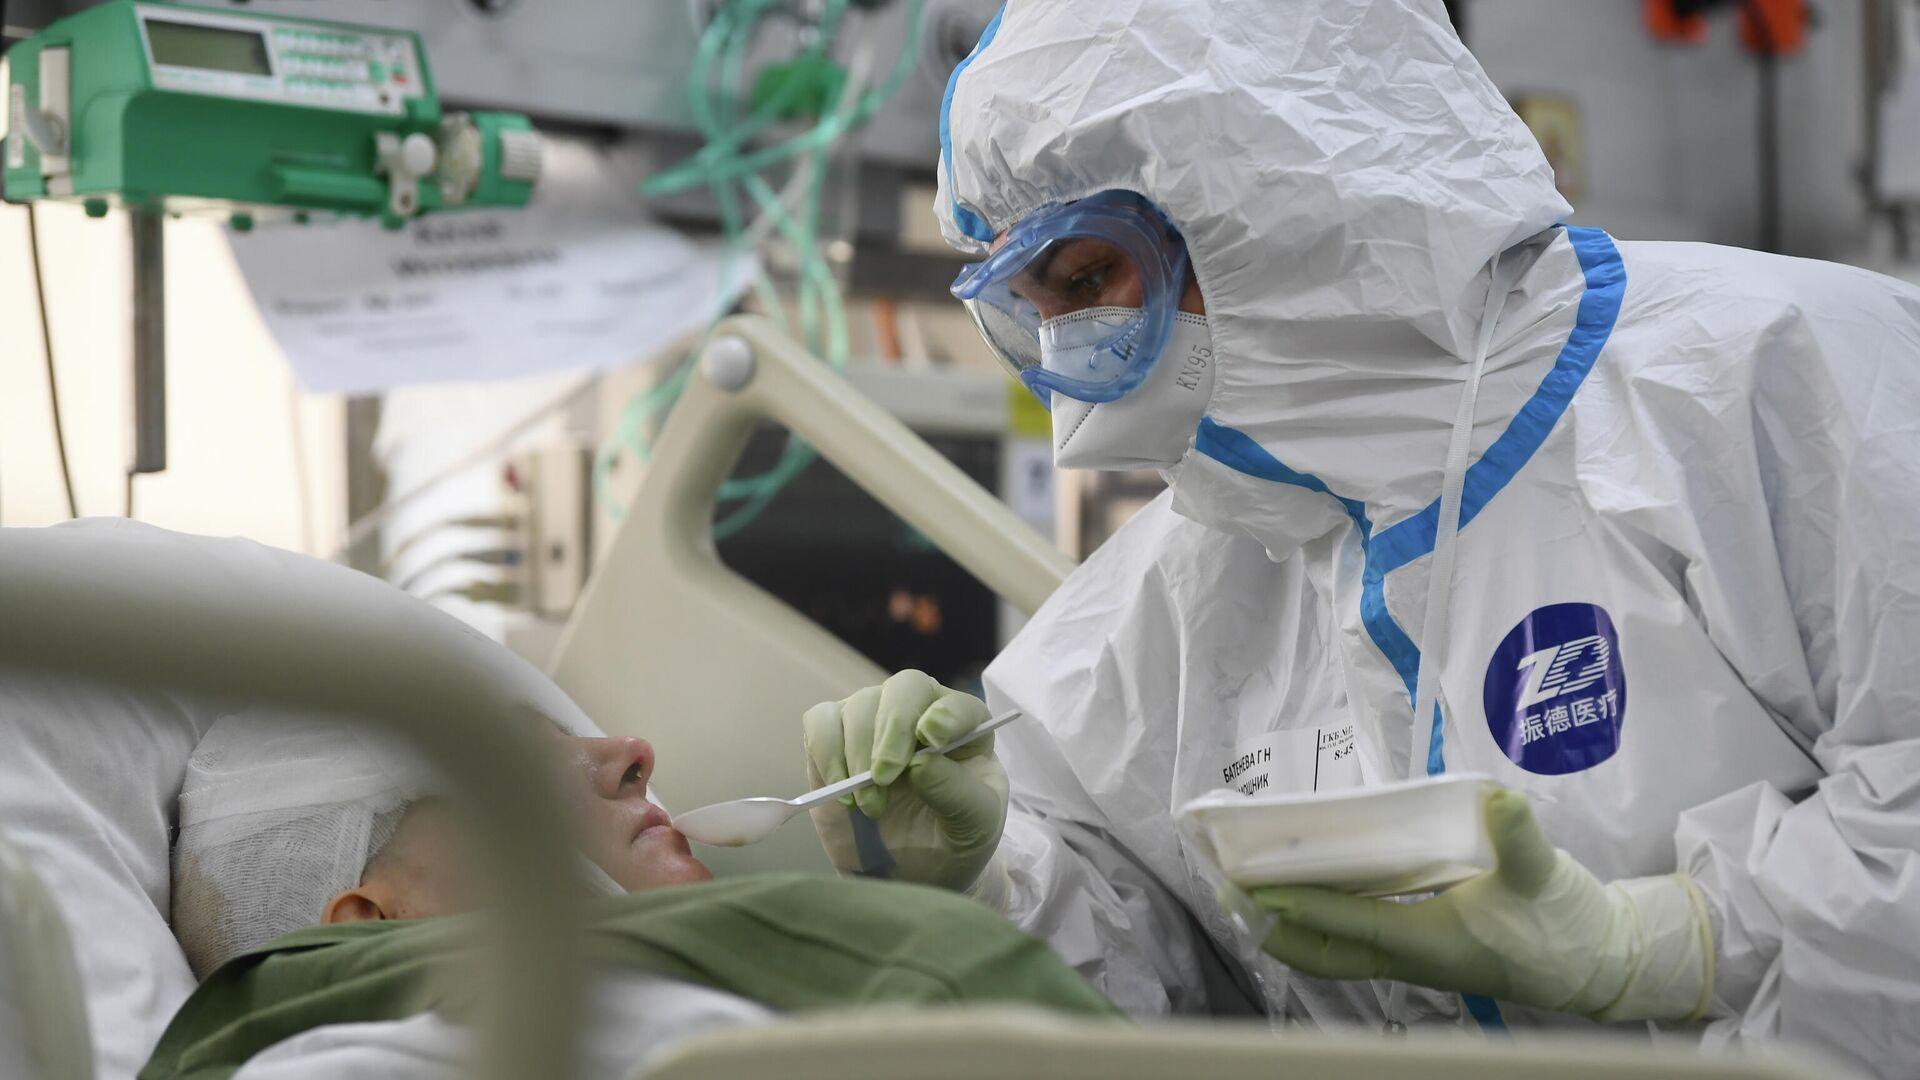 Медицинский работник и пациент в госпитале COVID-19 городской клинической больницы № 15 имени О. М. Филатова в Москве - РИА Новости, 1920, 26.07.2021